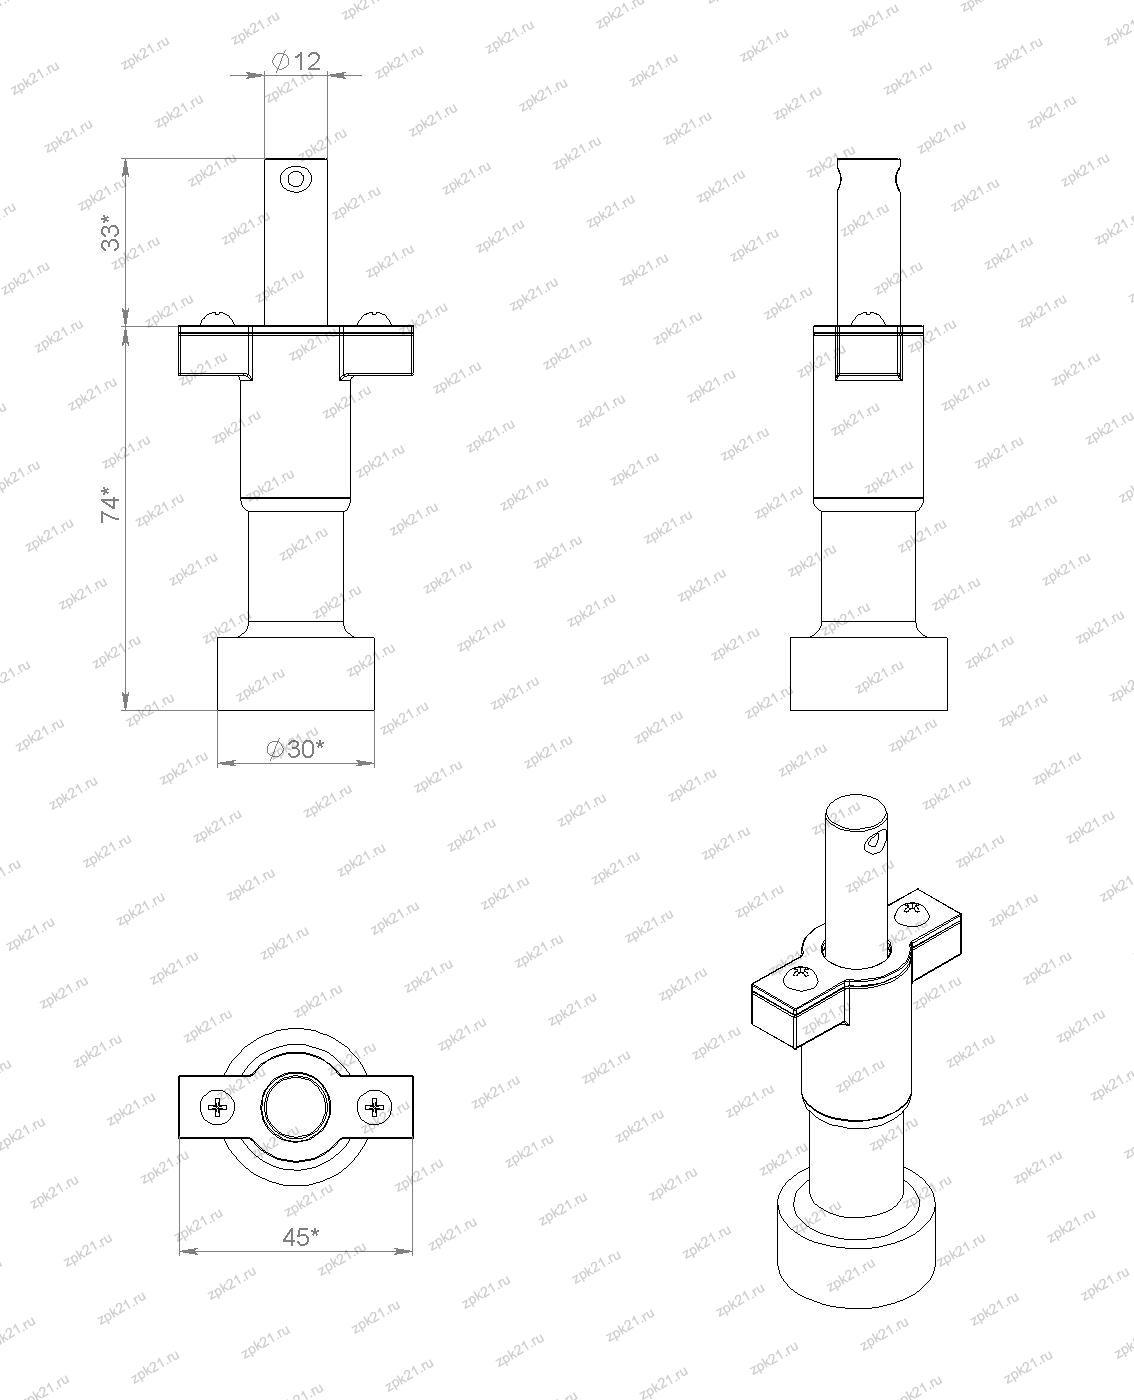 ключ магнитный КМ-1УХЛ2, общий вид, габаритные размеры